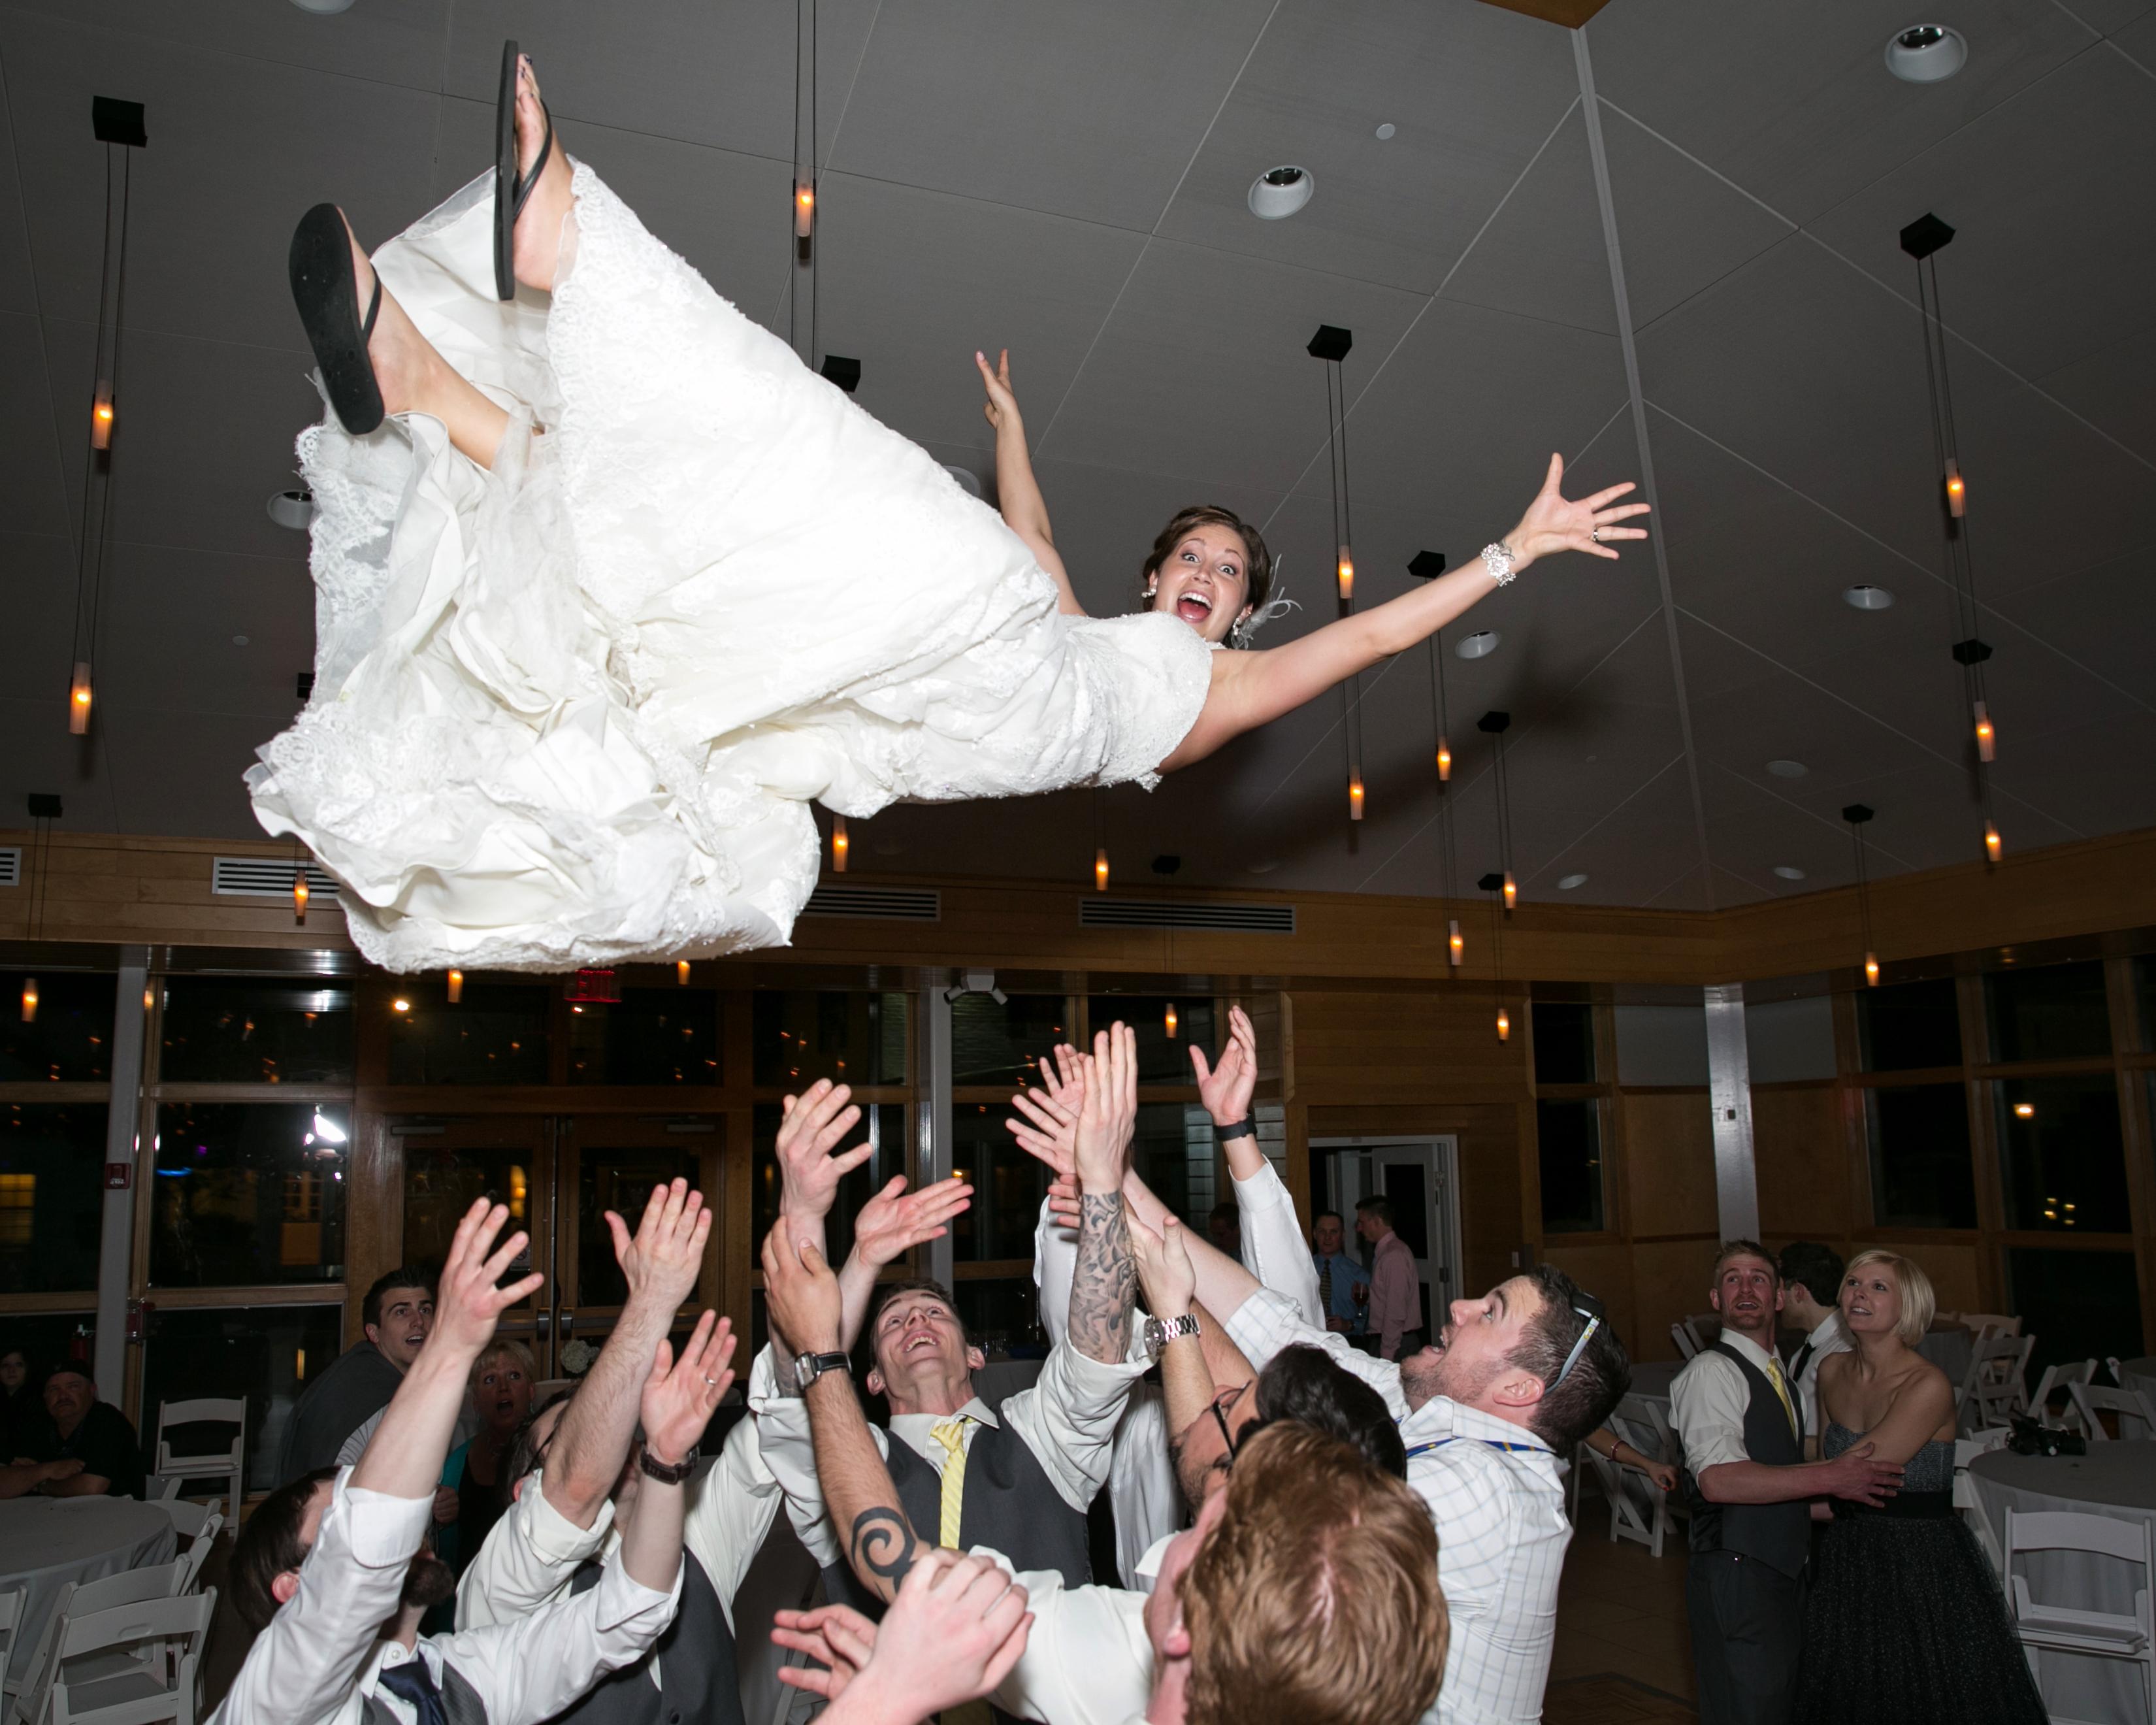 Groomsmen Toss Bride in the Air